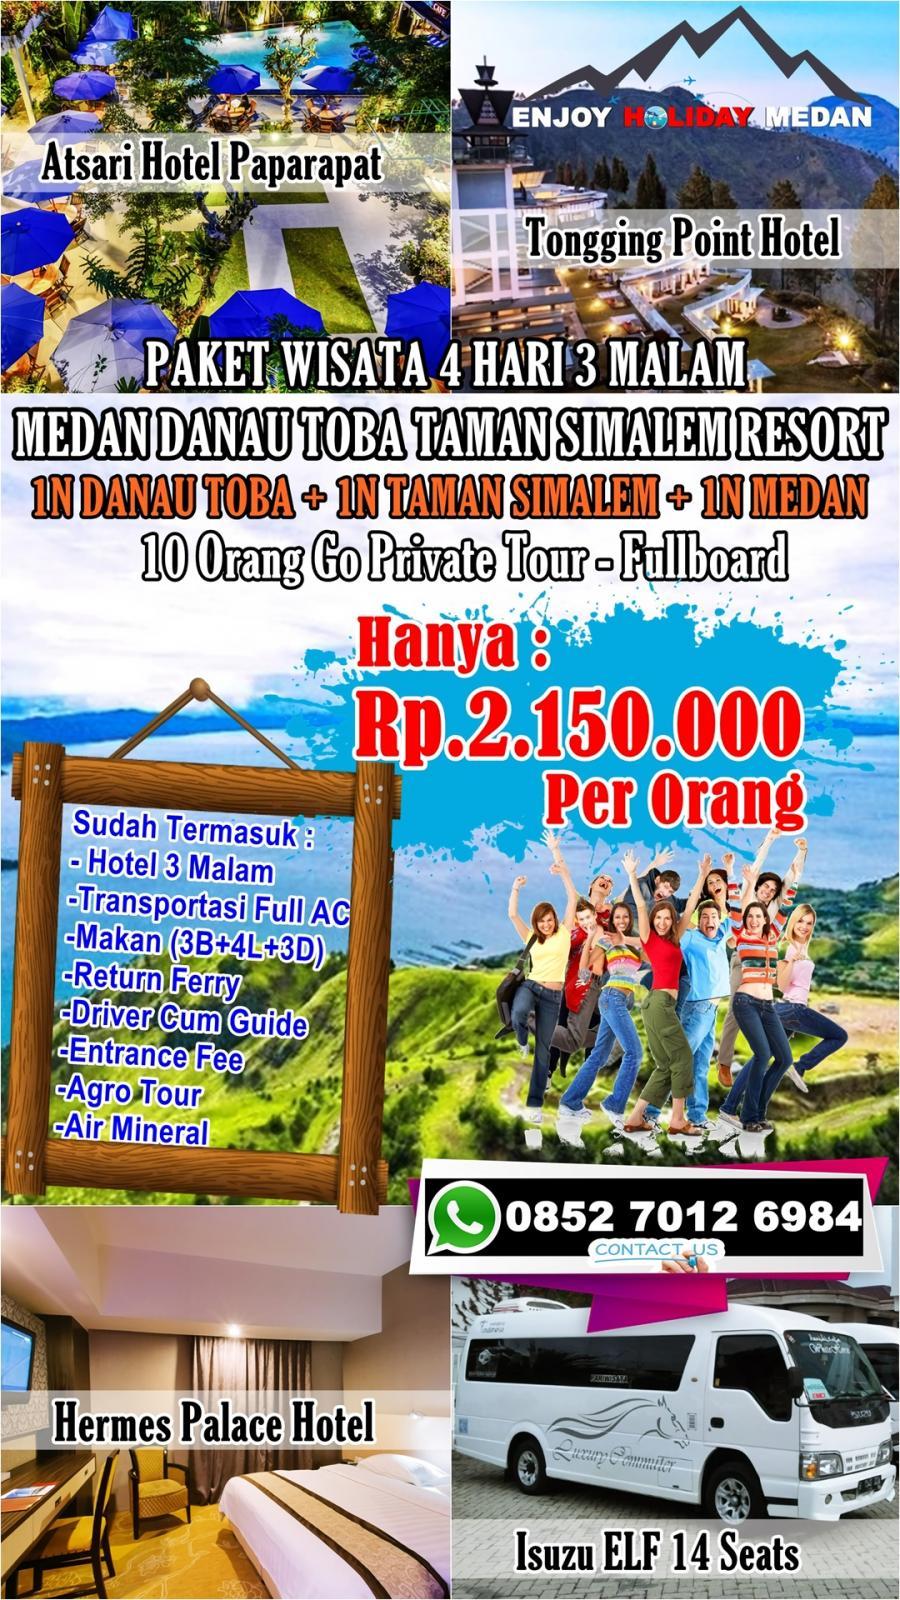 5 Hari 4 Malam Taman Simalem Resort